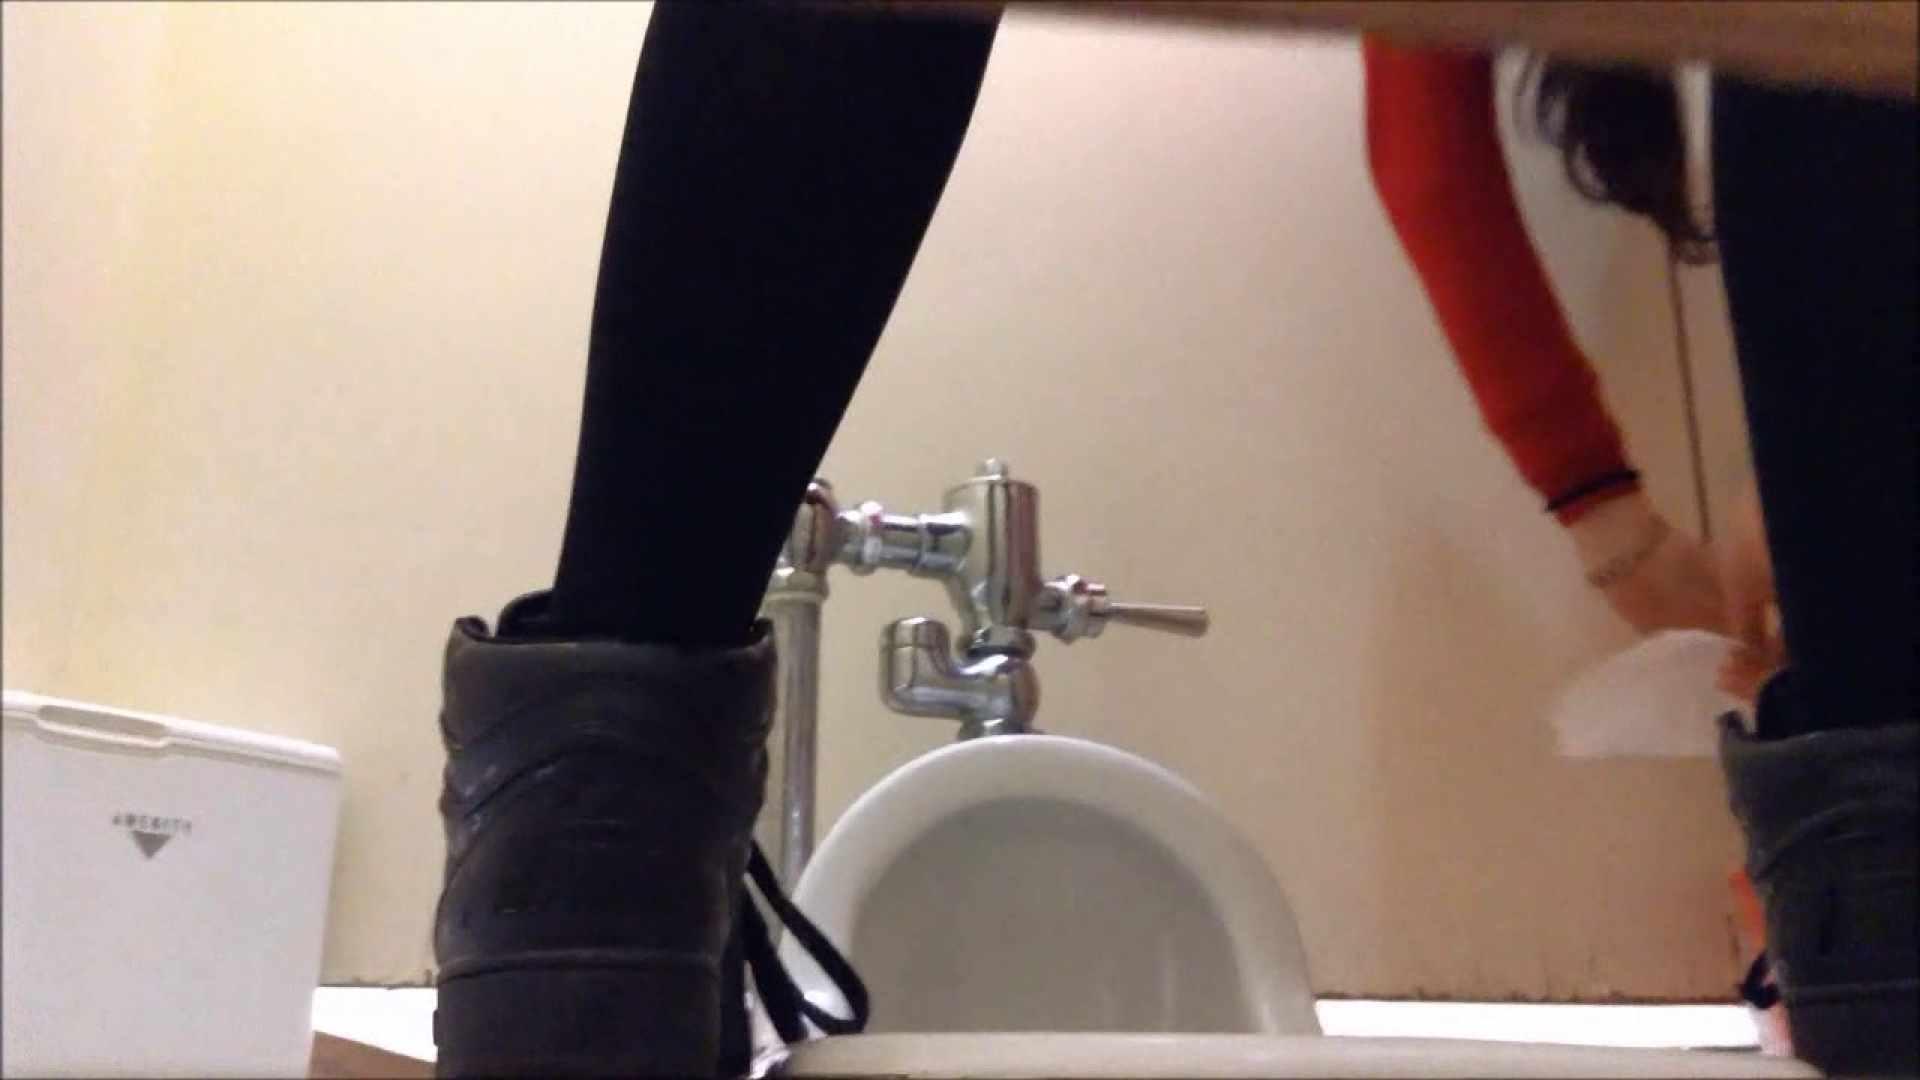 某有名大学女性洗面所 vol.13 OLのボディ エロ画像 105PIX 15